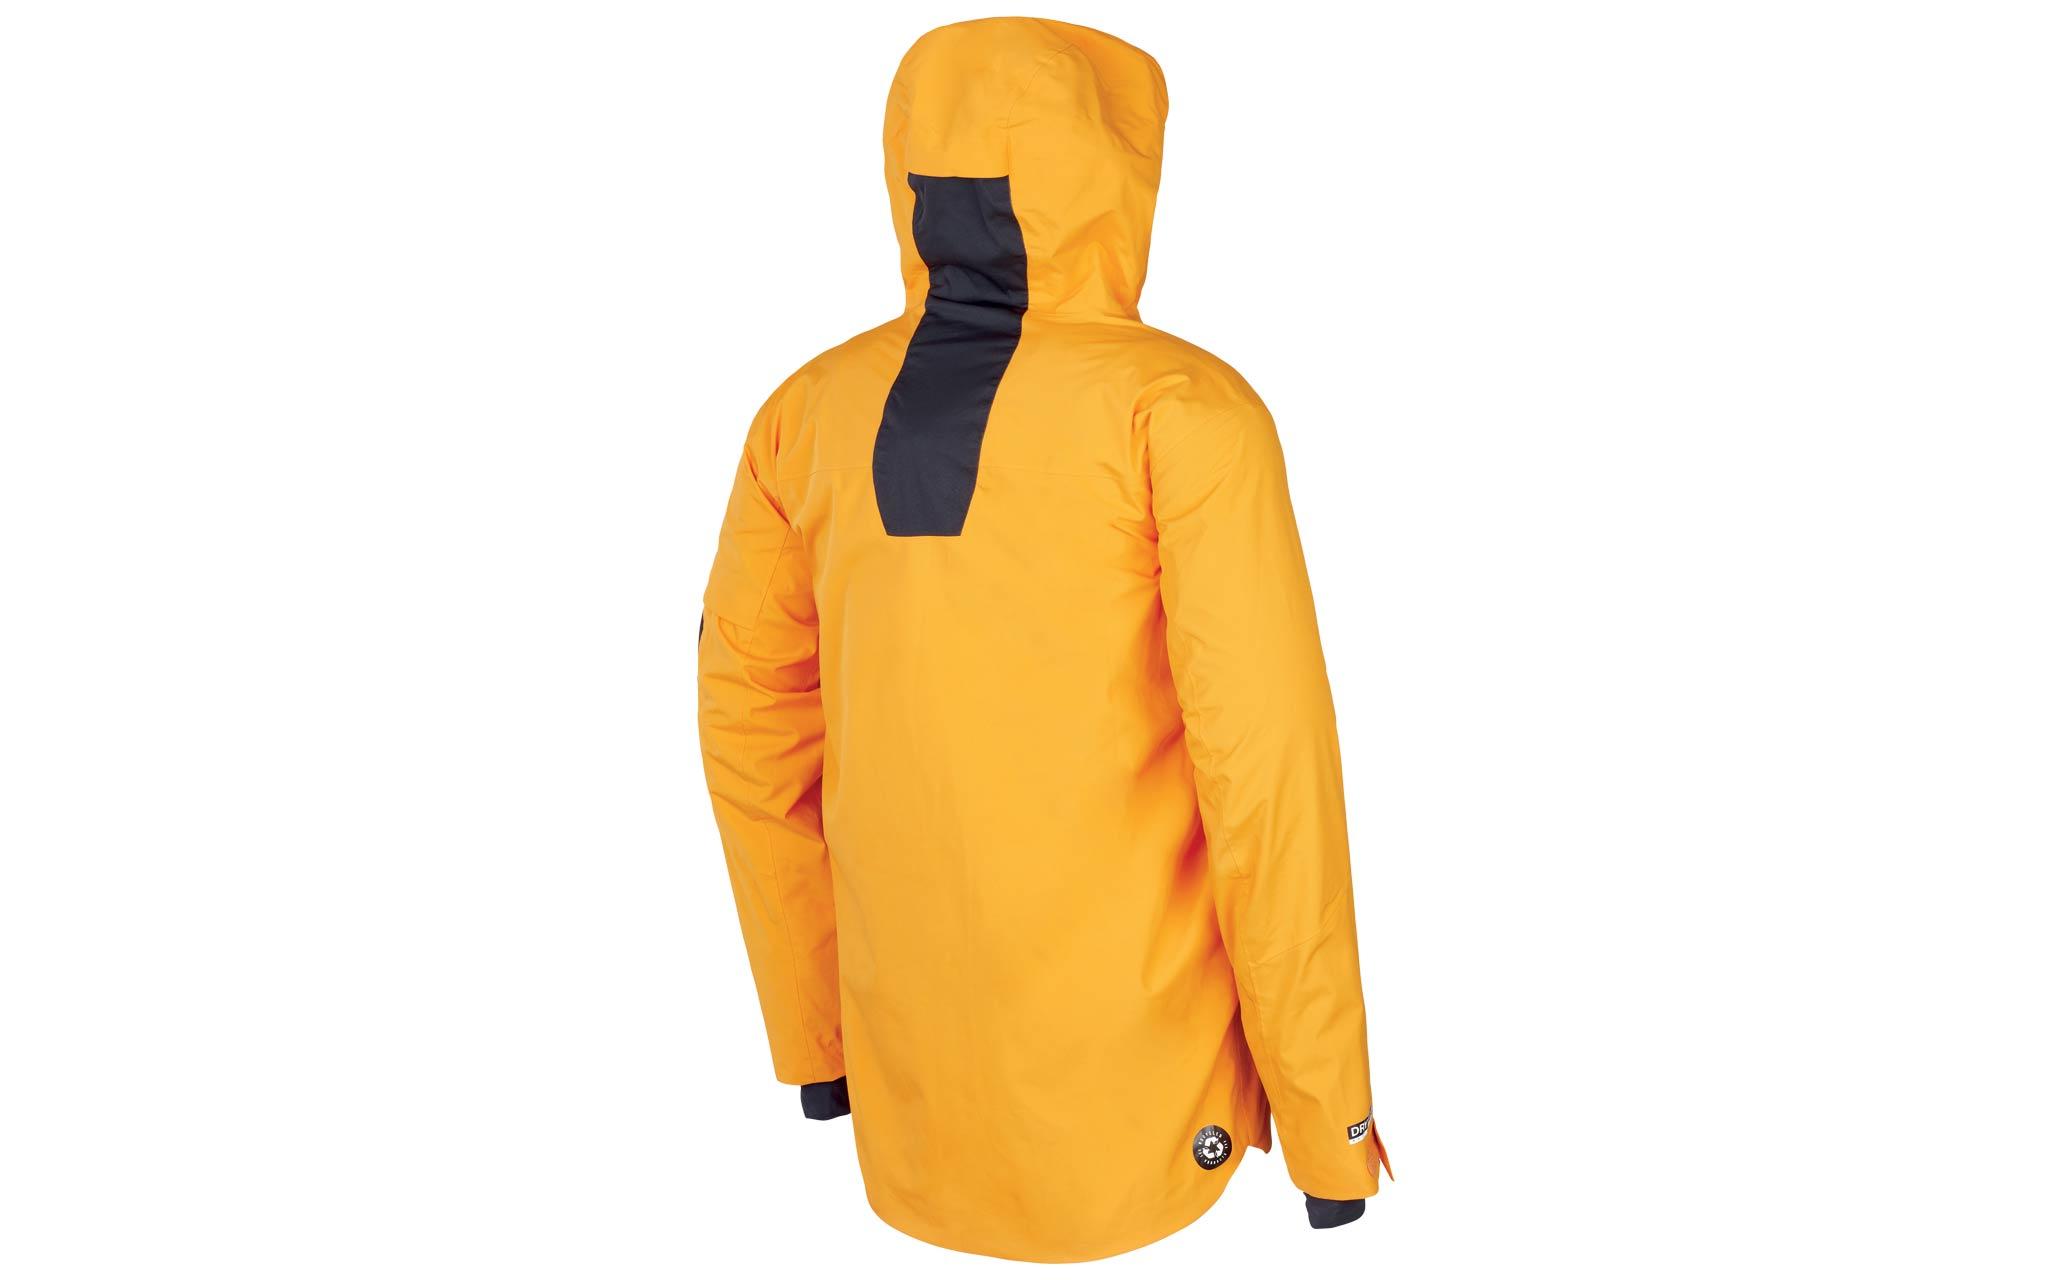 Picture Organic Clothing Zephir JKT: Der längere Schnitt rundet die High-End-Jacke als verlässlichen Partner in allen Freeride-Lebenslagen ab.